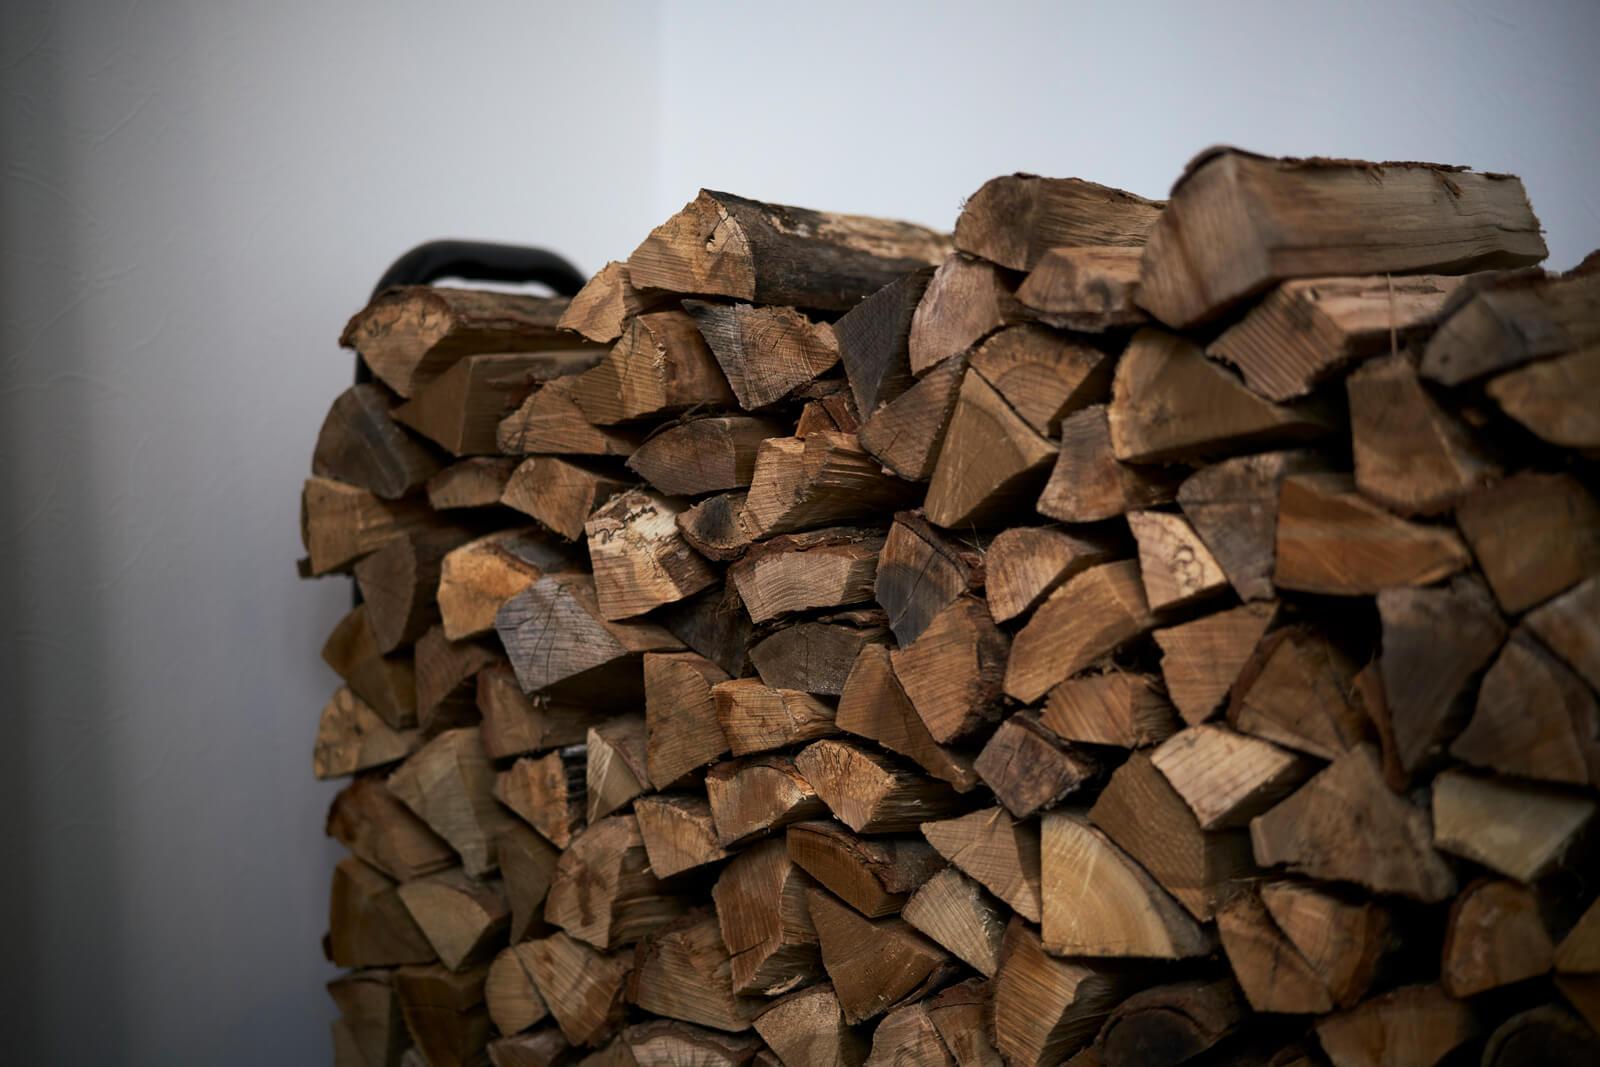 土間リビングの一角に薪置場をレイアウト。「土間なので靴を履いたまま薪を運び入れることができて楽です」とSさん